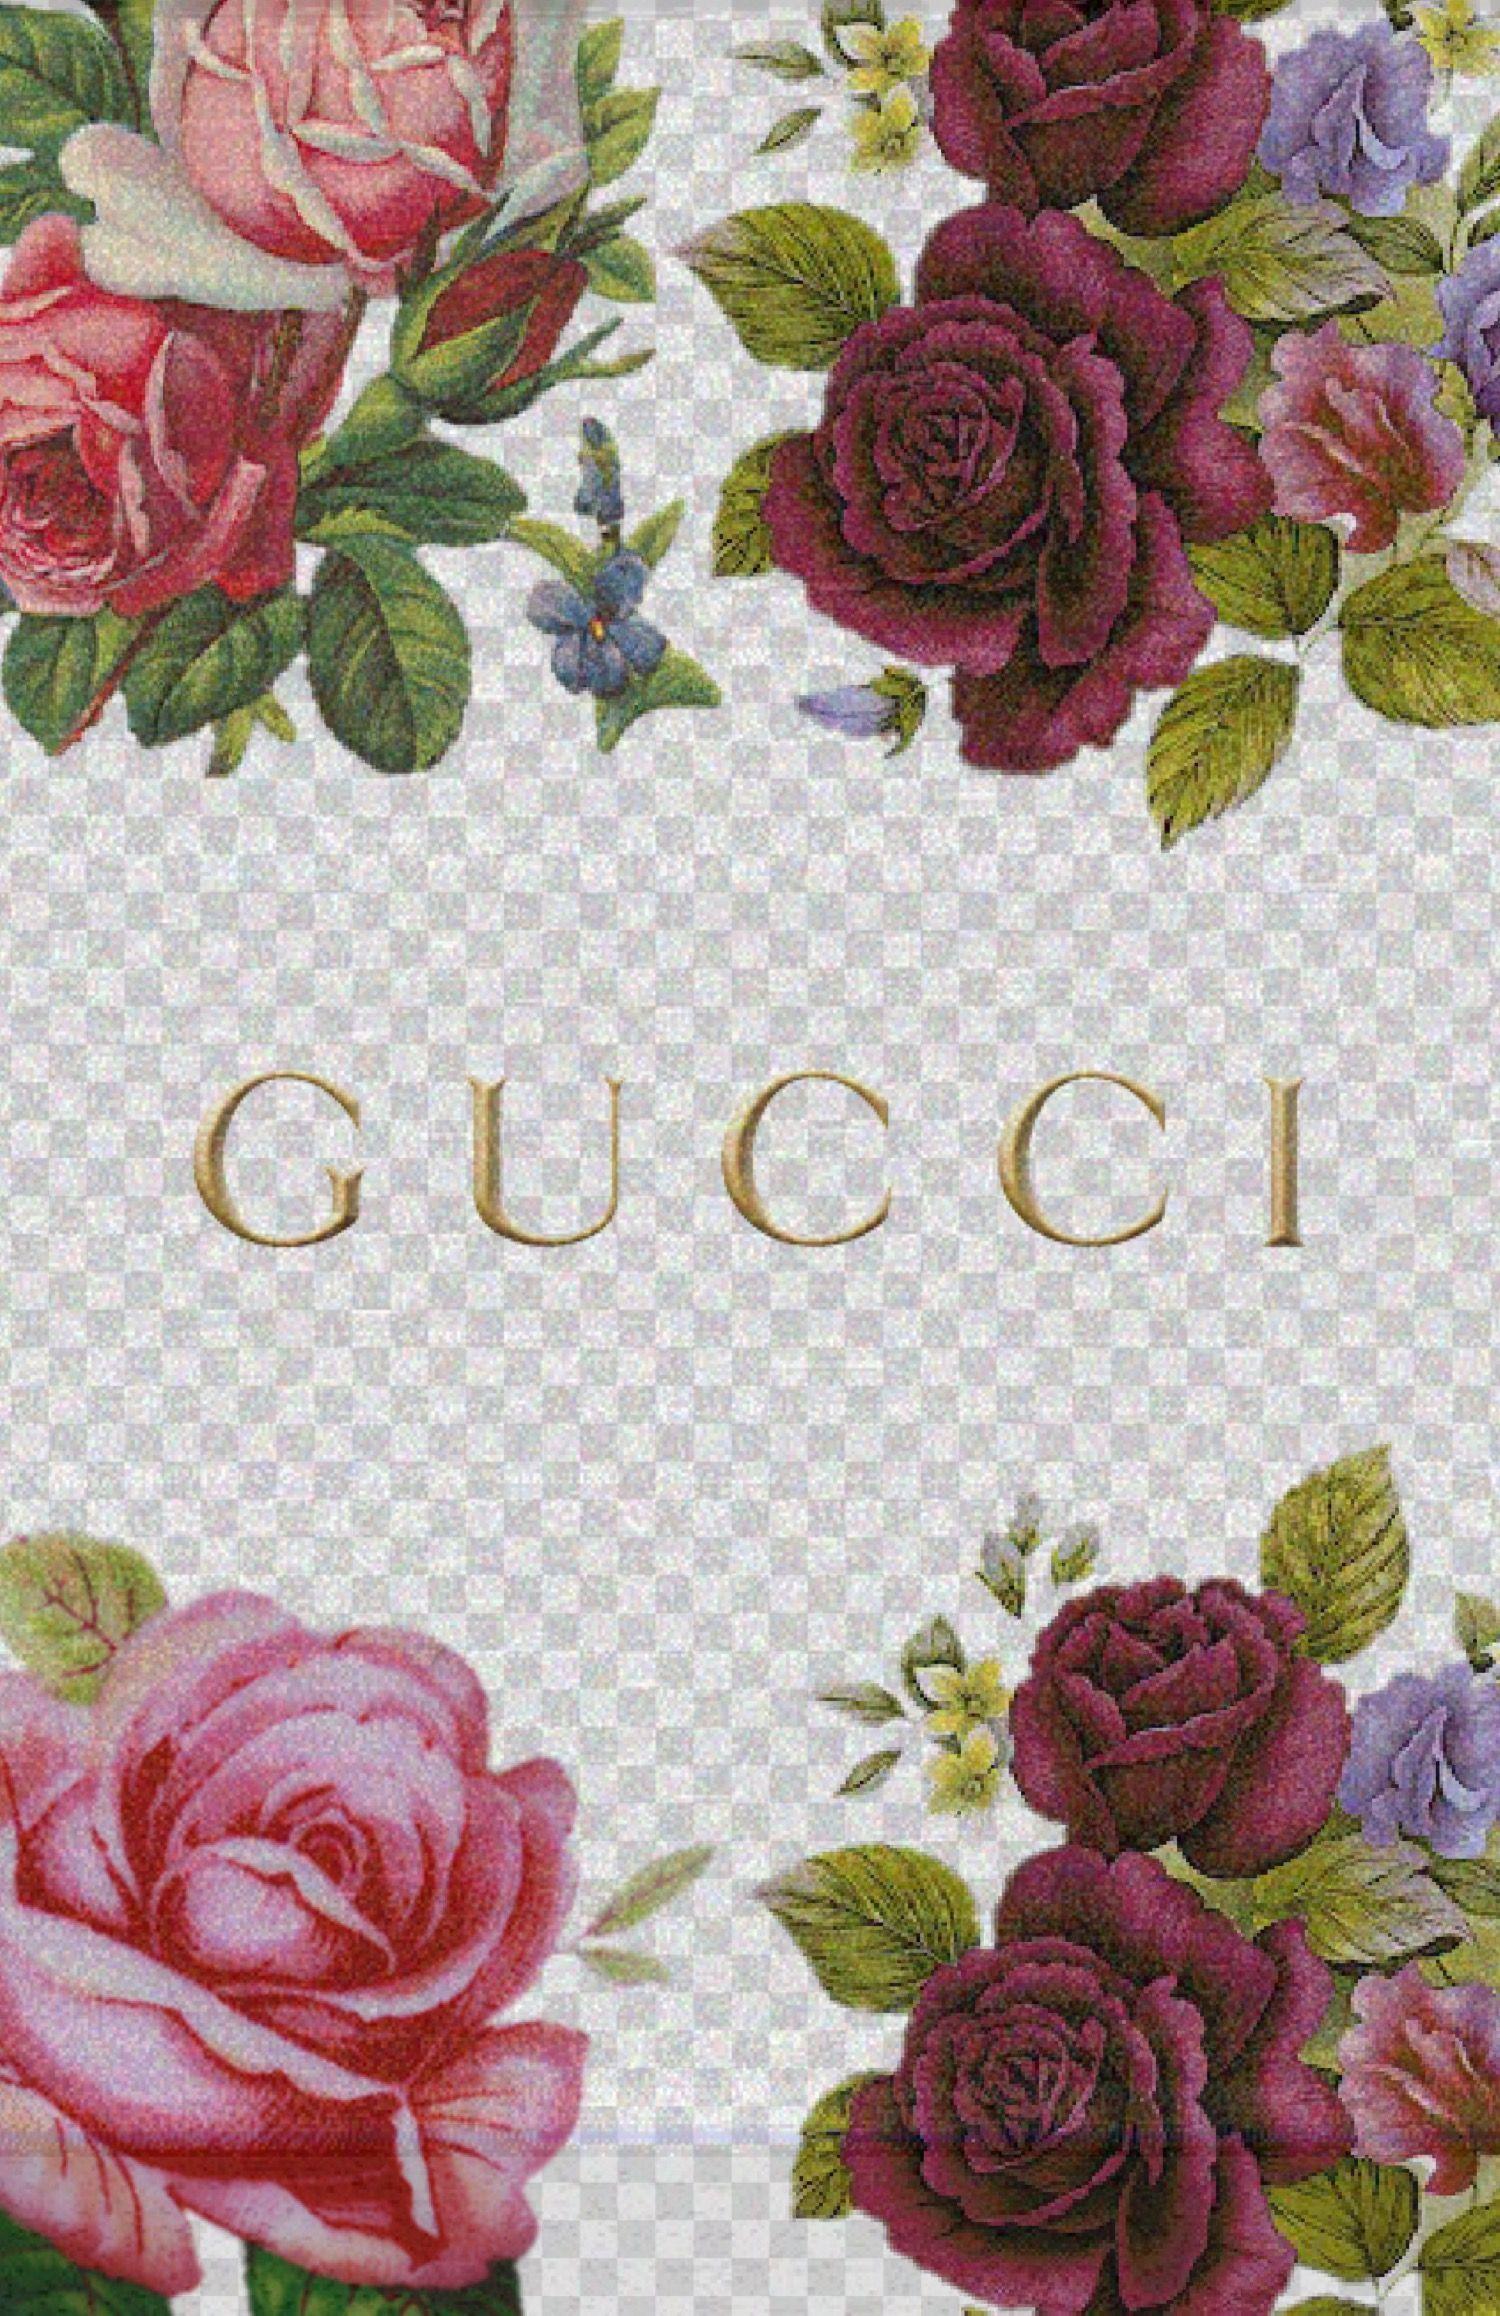 Gucci Wallpaper Louis Vuitton Wallpaper Iphone Rose Gold In 2021 Gucci Wallpaper Iphone Iphone Wallpaper Louis Vuitton Iphone Wallpaper